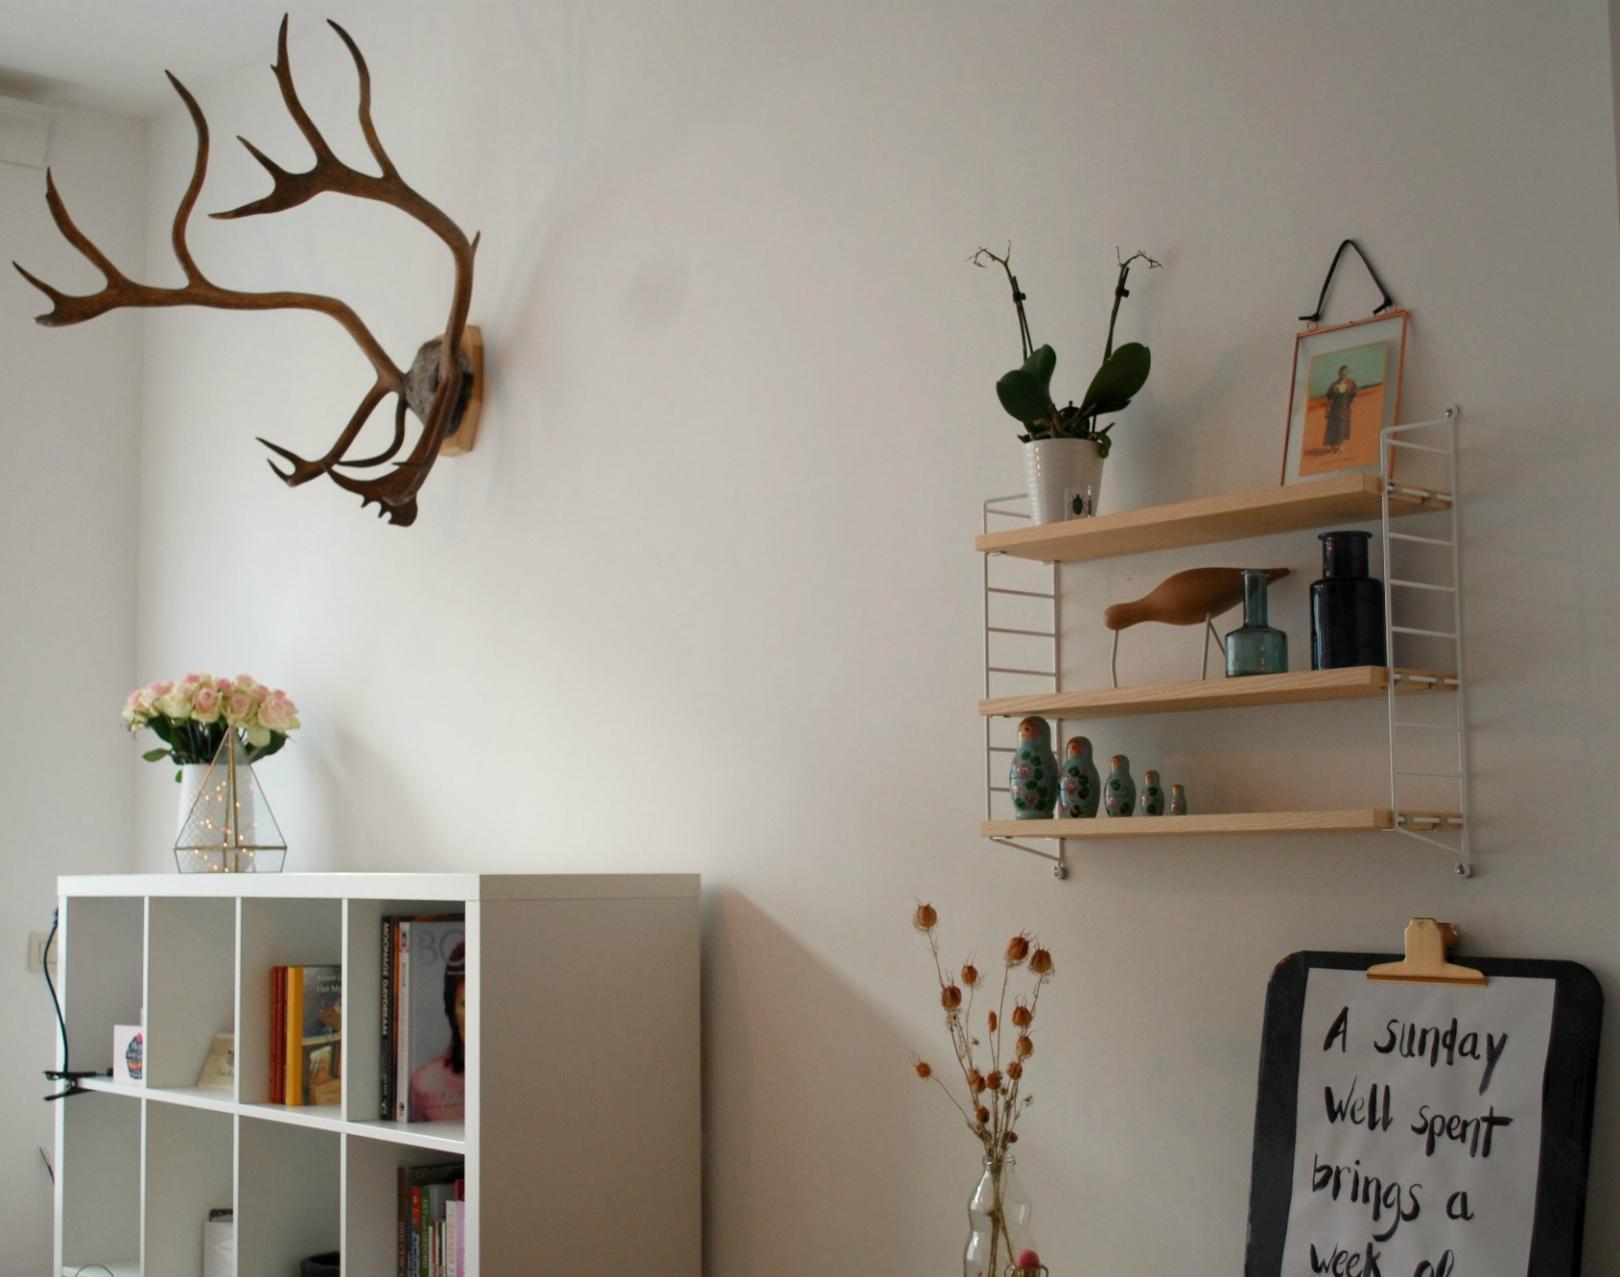 Foto Decoratie Muur.Rustgevend Interieur De Muur Aankleden Mysig